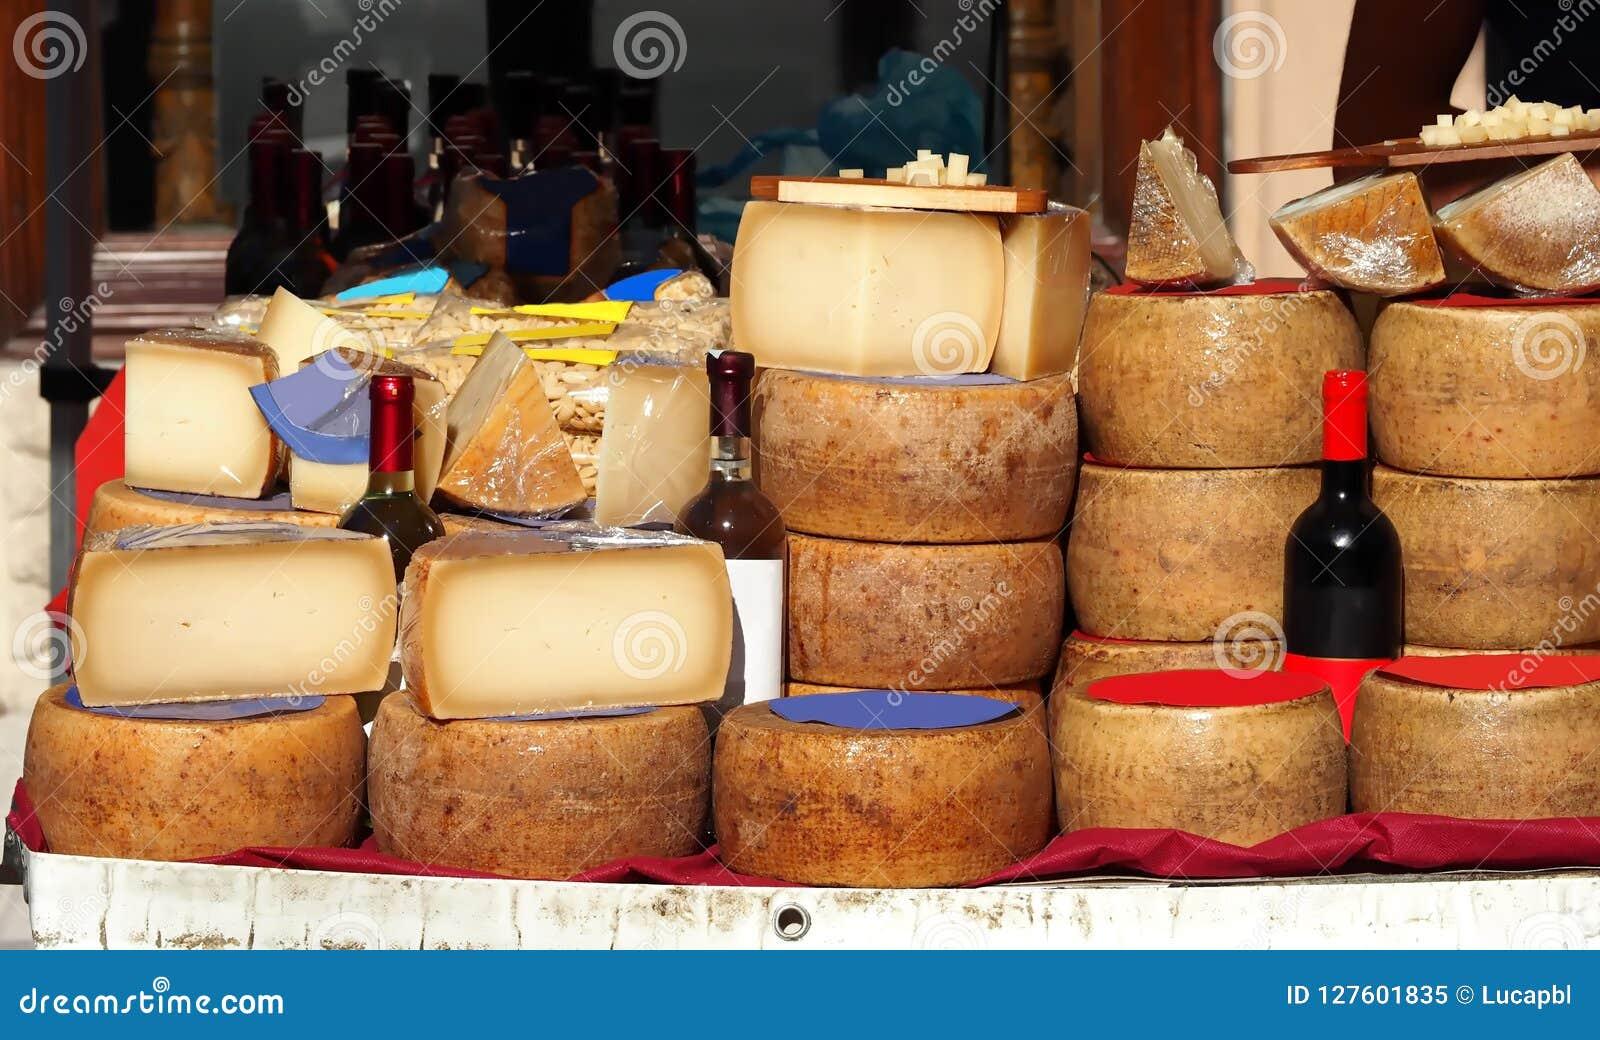 Skivor och hjul av Pecorino ost samman med flaskor av Cannonau, vitt vin, pasta och annan Sardinian typisk disk